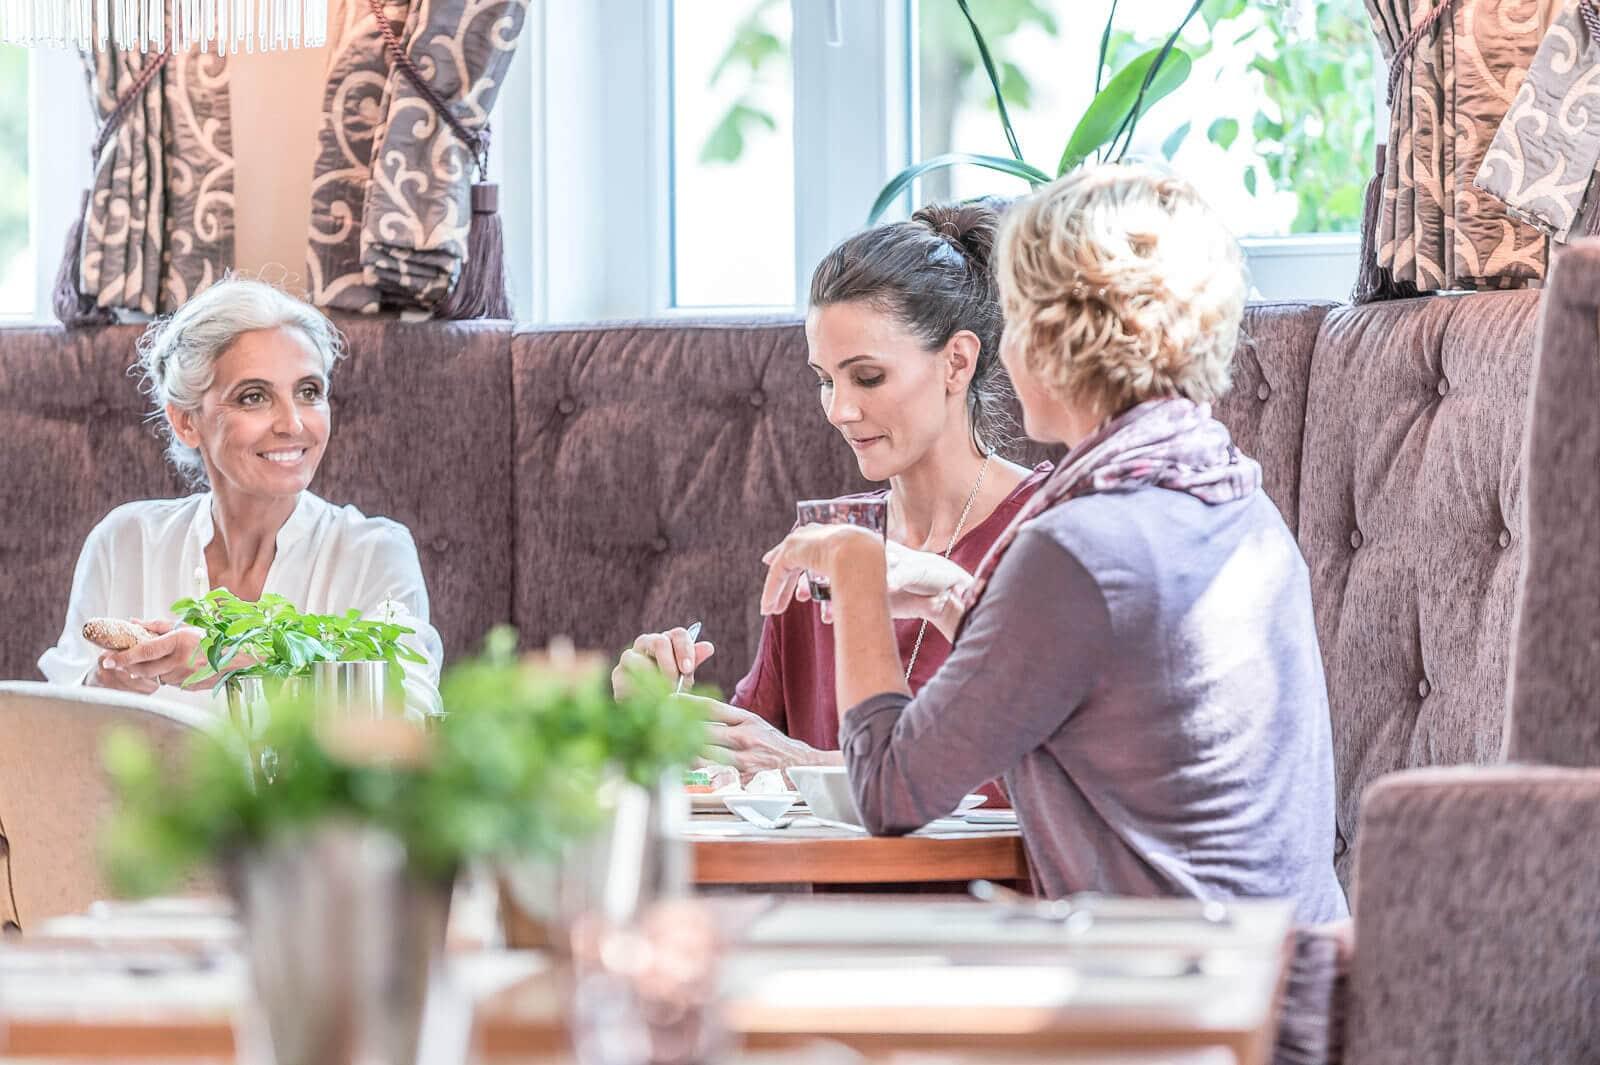 3 Frauen sind beim Essen und unterhalten sich